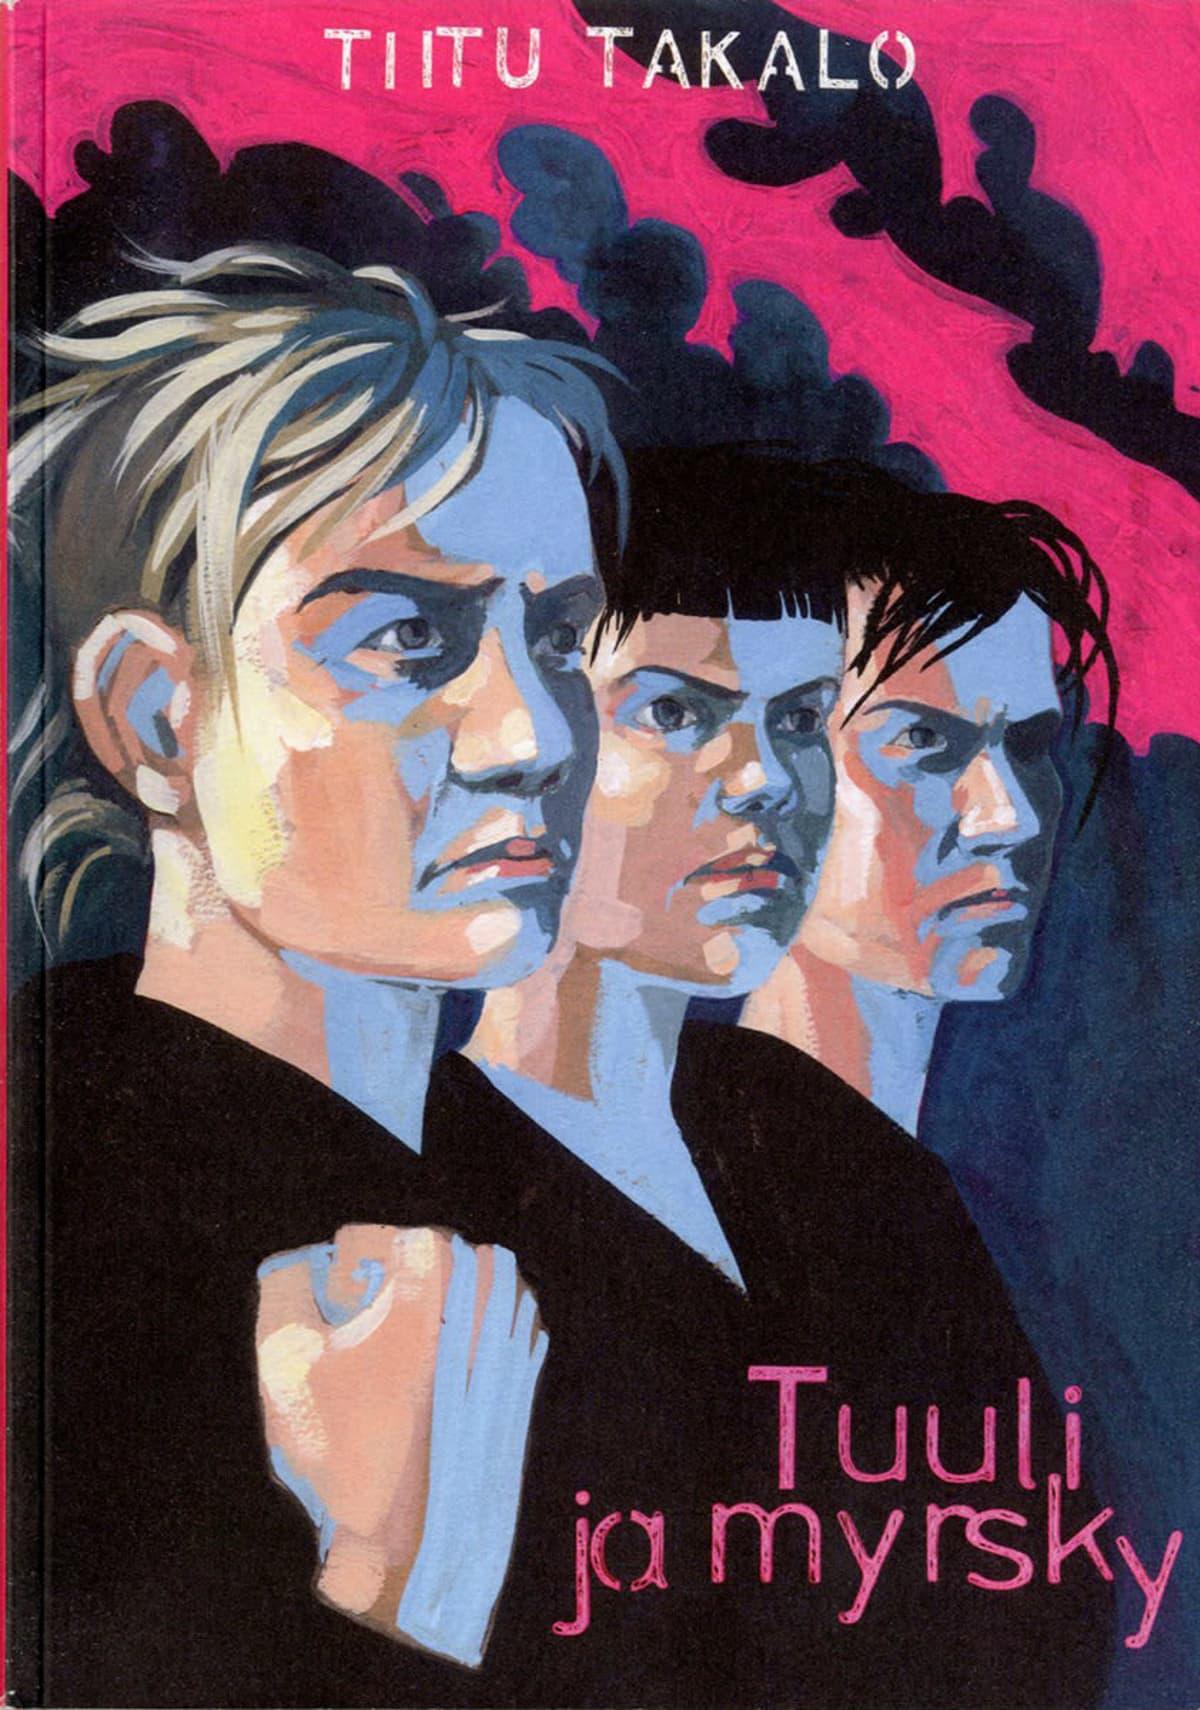 Tuuli ja Myrsky -sarjakuva-albumin kansi, jossa on kolme vihaista nuorta naista kannessa nyrkit pystyssä